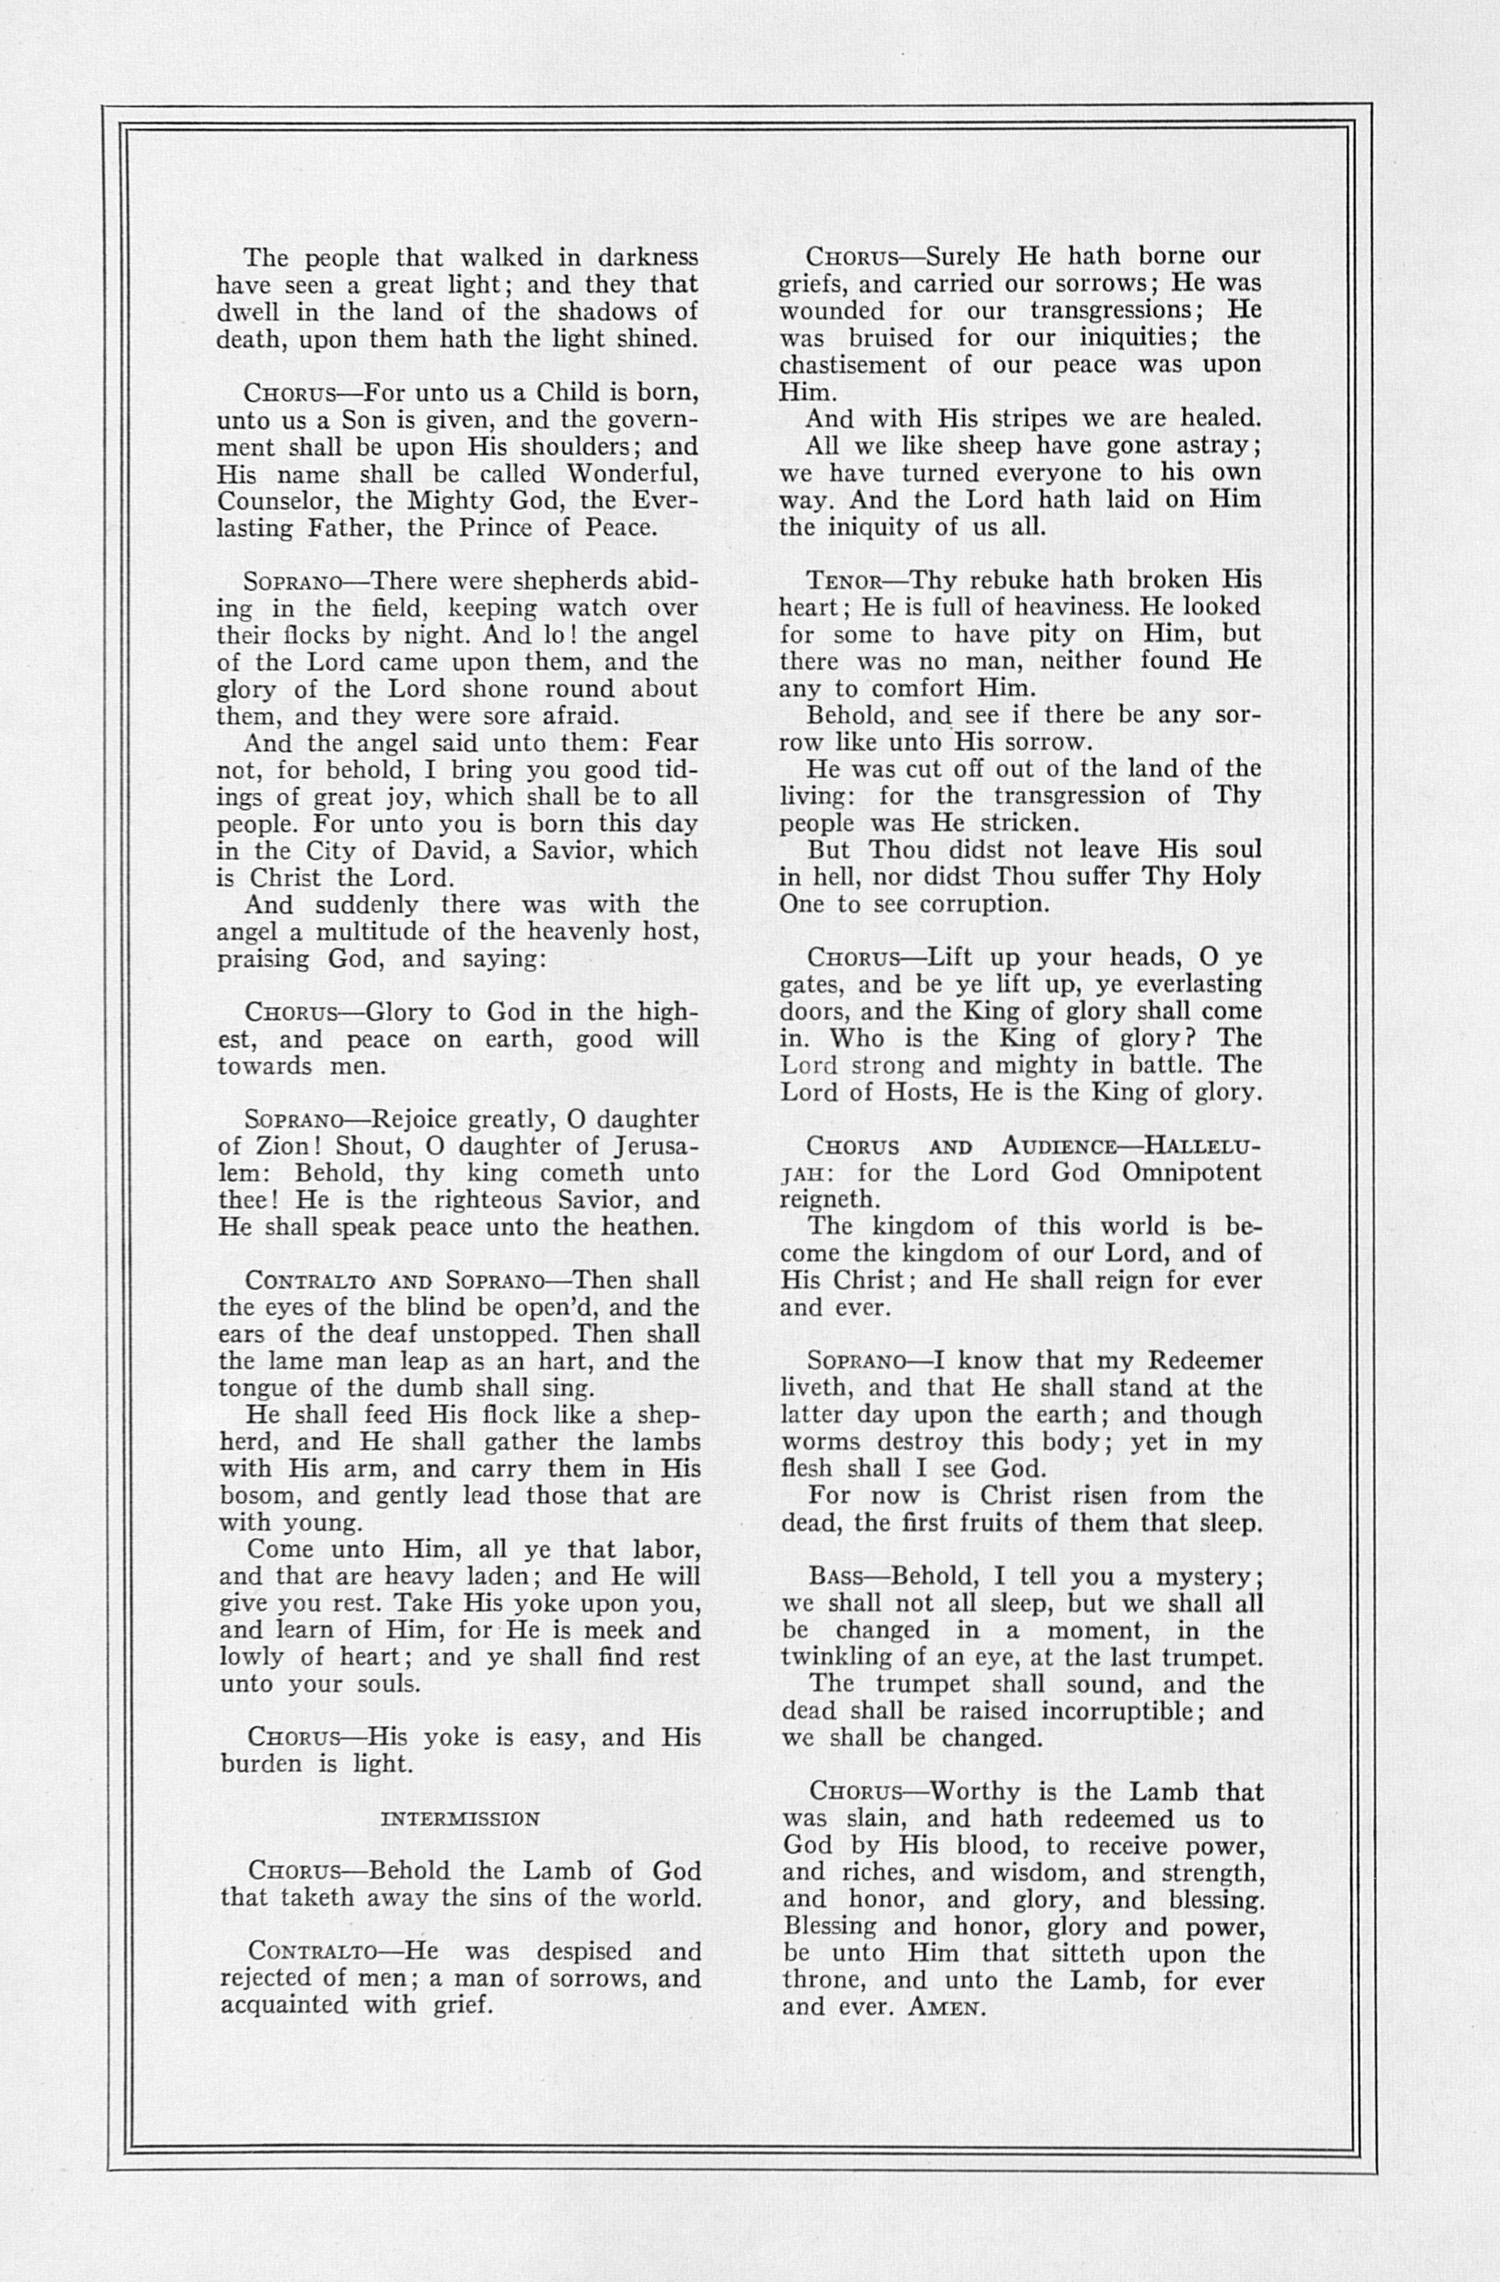 UMS Concert Program, December 10, 1950: